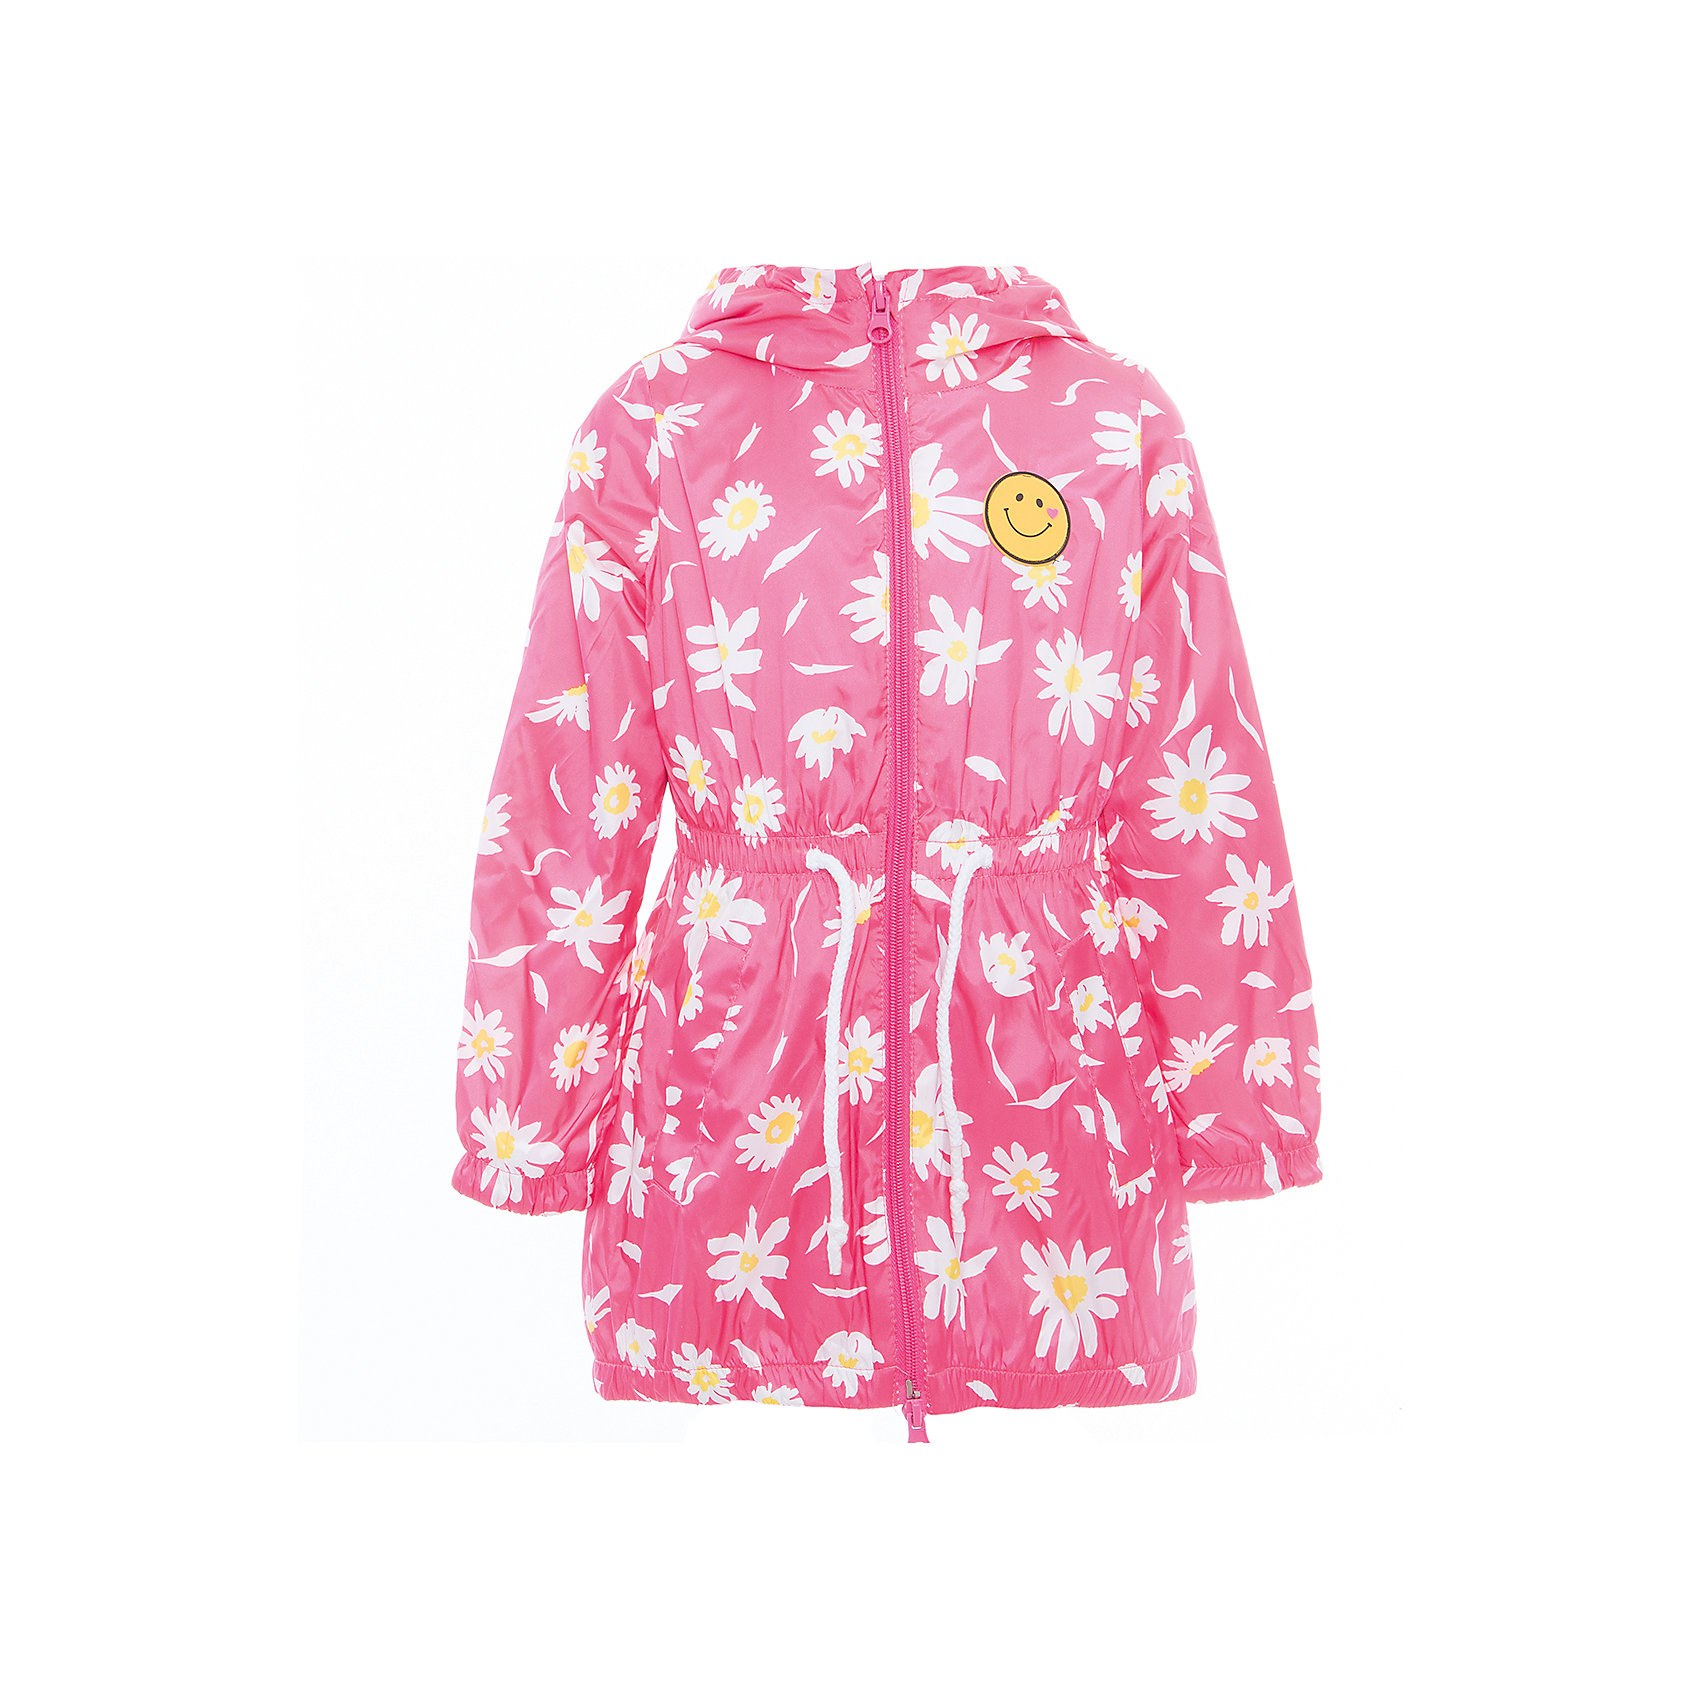 Плащ для девочки BOOM by OrbyХарактеристики товара:<br><br>• цвет: розовый<br>• состав: верх - таффета, подкладка - полиэстер, флис, без утеплителя<br>• температурный режим: от 0° до +15°С<br>• демисезон<br>• капюшон<br>• застежка - молния<br>• декорирован нашивкой<br>• принт<br>• шнурок в поясе<br>• комфортная посадка<br>• страна производства: Российская Федерация<br>• страна бренда: Российская Федерация<br>• коллекция: весна-лето 2017<br><br>Такой плащ - универсальный вариант для теплого межсезонья с постоянно меняющейся погодой. Эта модель - модная и удобная одновременно! Изделие отличается стильным ярким дизайном. Плащ хорошо сидит по фигуре, отлично сочетается с различным низом. Вещь была разработана специально для детей.<br><br>Плащ для девочки от бренда BOOM by Orby можно купить в нашем интернет-магазине.<br><br>Ширина мм: 356<br>Глубина мм: 10<br>Высота мм: 245<br>Вес г: 519<br>Цвет: розовый<br>Возраст от месяцев: 144<br>Возраст до месяцев: 156<br>Пол: Женский<br>Возраст: Детский<br>Размер: 158,110,98,116,146,104,122,128,134,140,152<br>SKU: 5343766